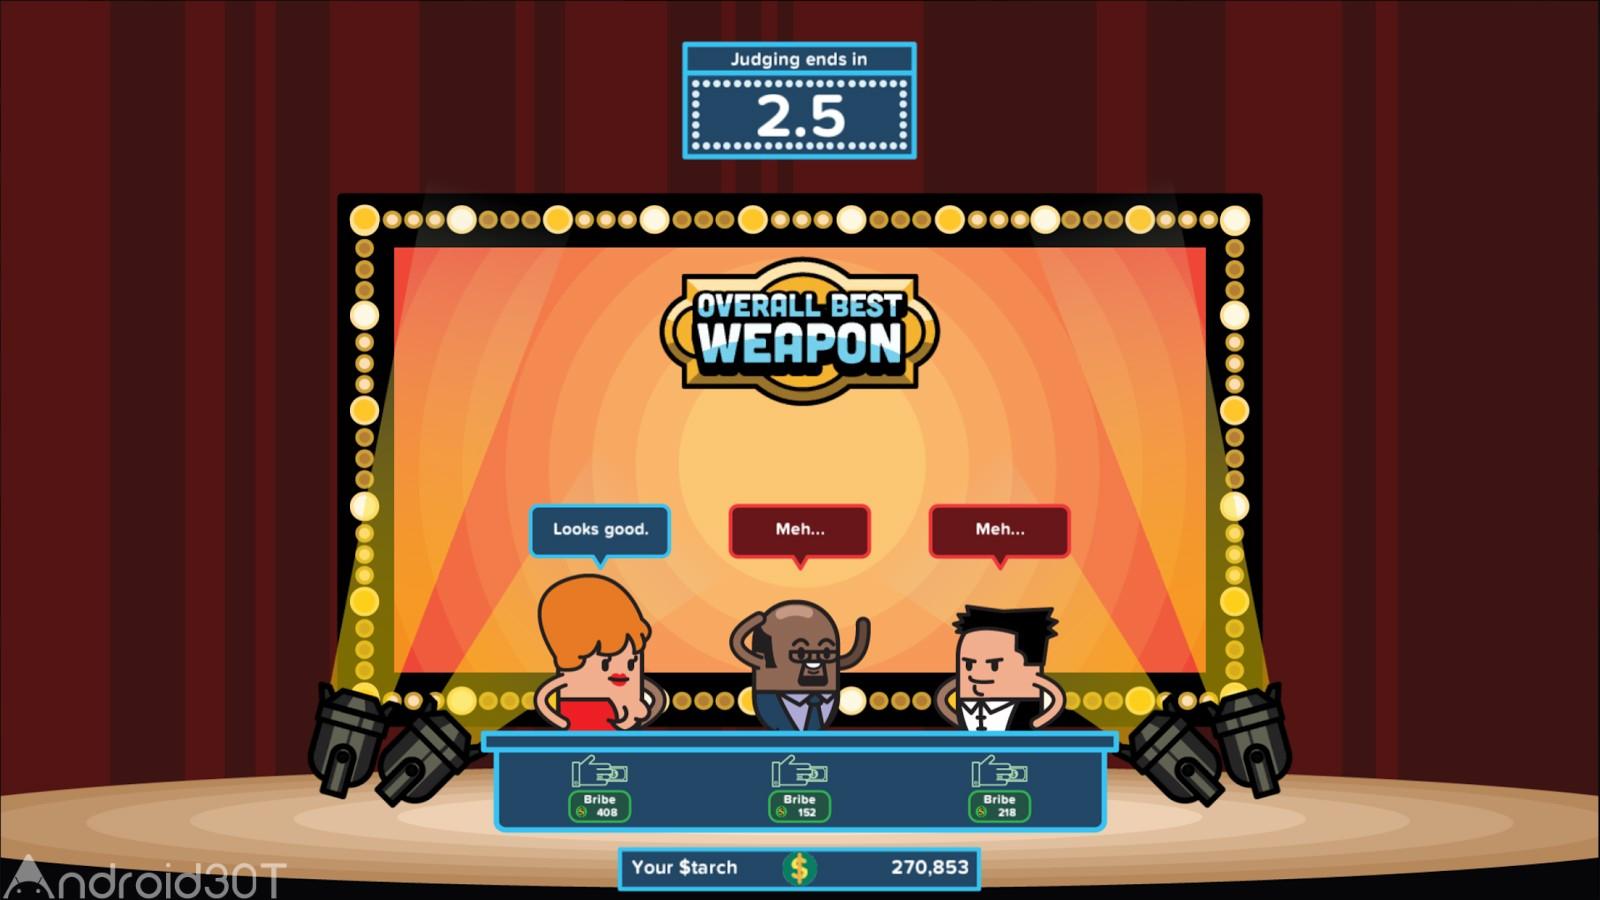 دانلود Holy Potatoes! A Weapon Shop 1.0.6 – بازی شبیه سازی فروشگاه اسلحه اندروید